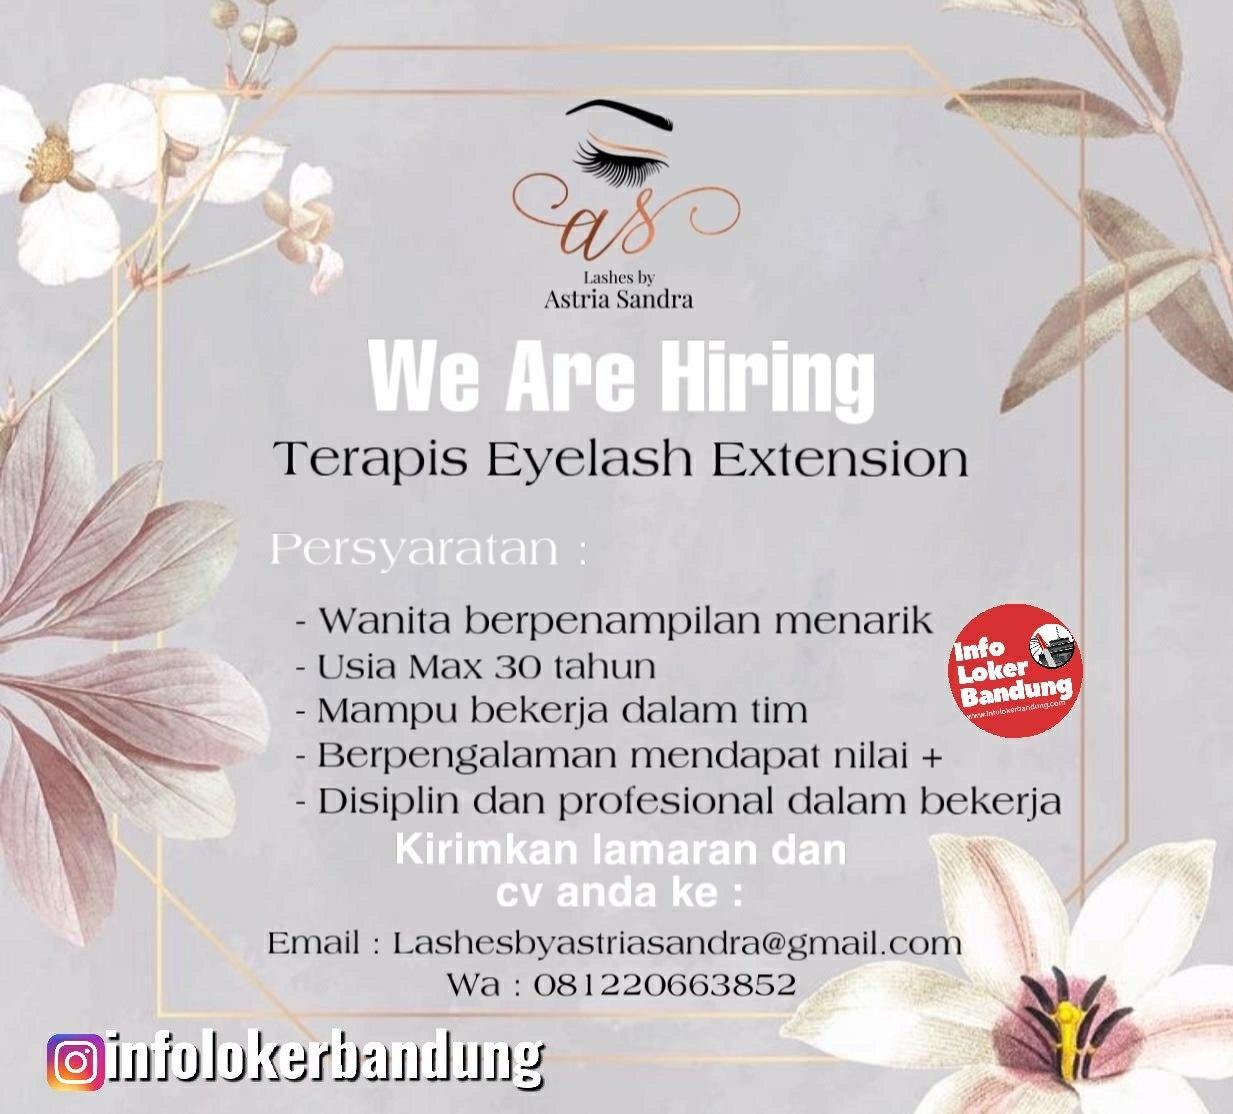 Dibutuhkan Cepat Terapis Eylash Extension Lashes by Astria Sandra Bandung Januari 2020